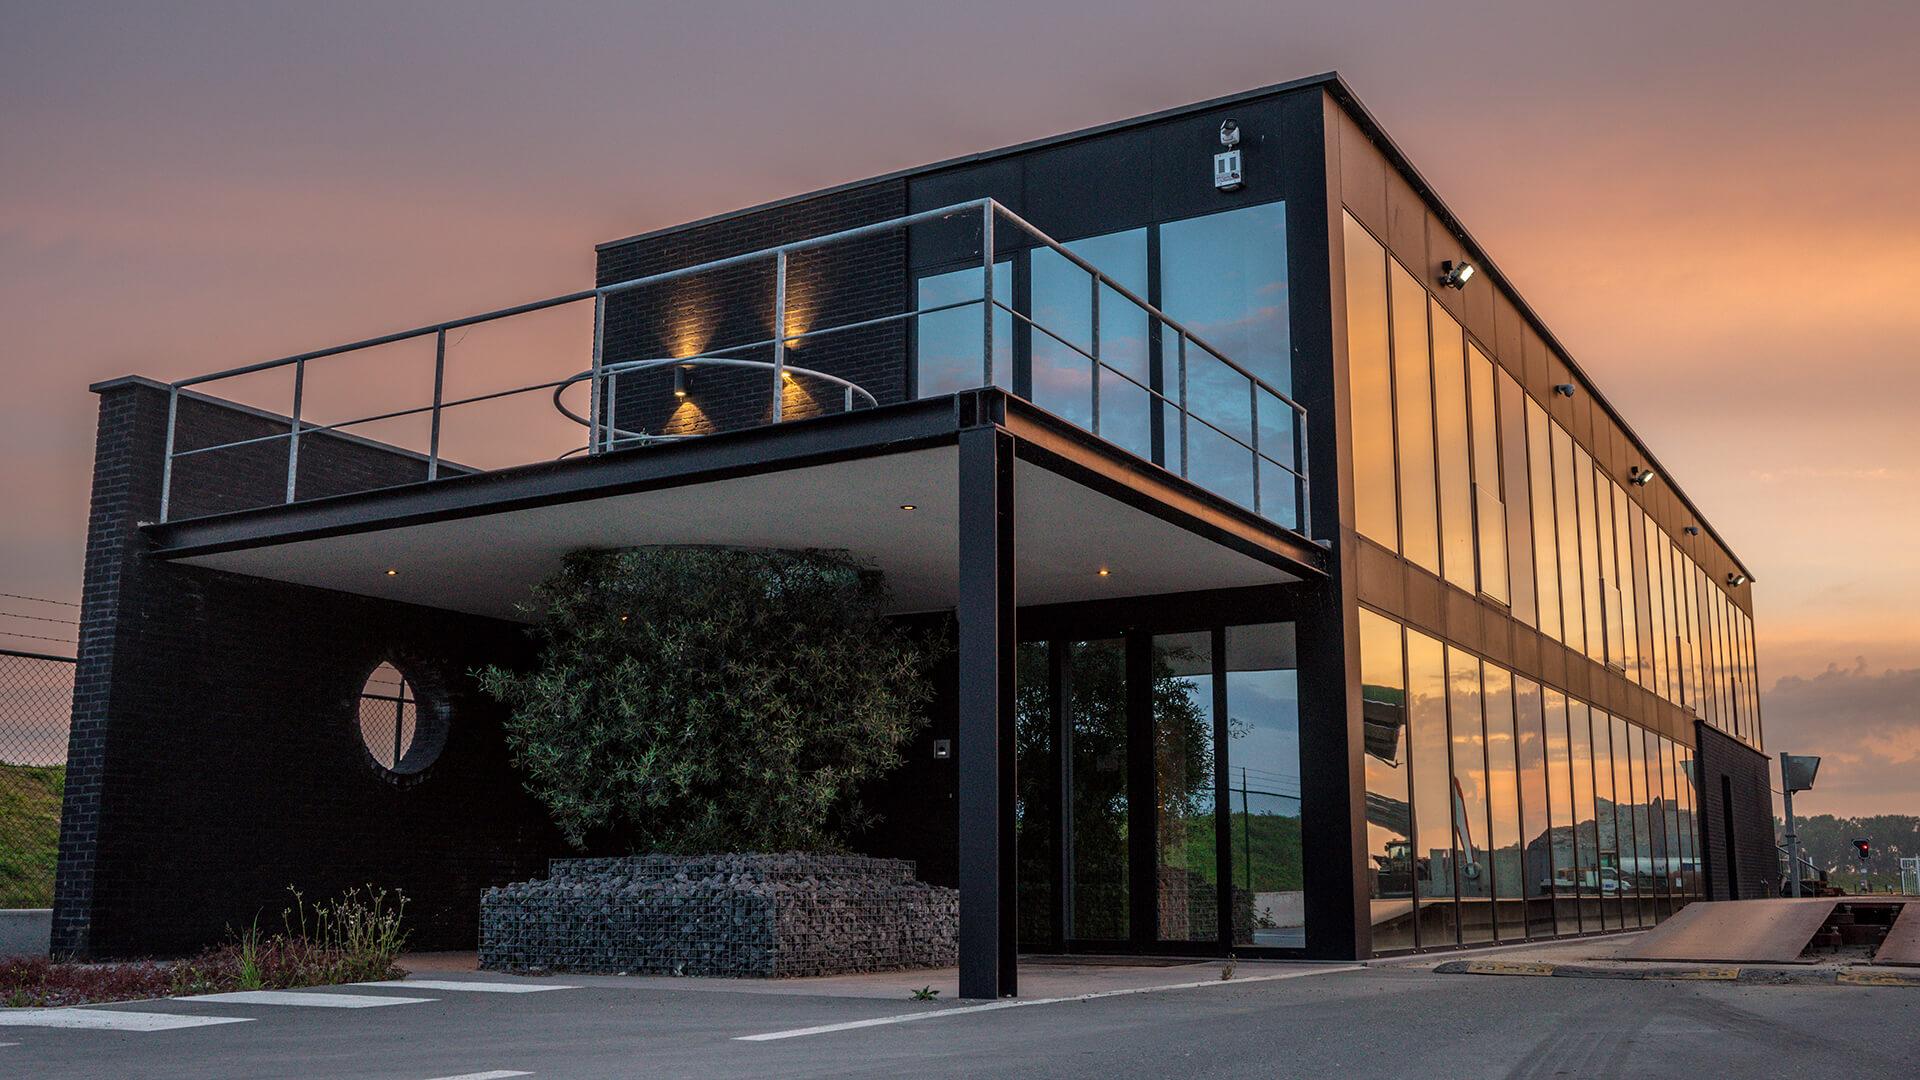 Ons kantoor - Blikken - Haven 13309130 VerrebroekT:+32 (0)3 773 18 38E:project@smet-aannemingen.be